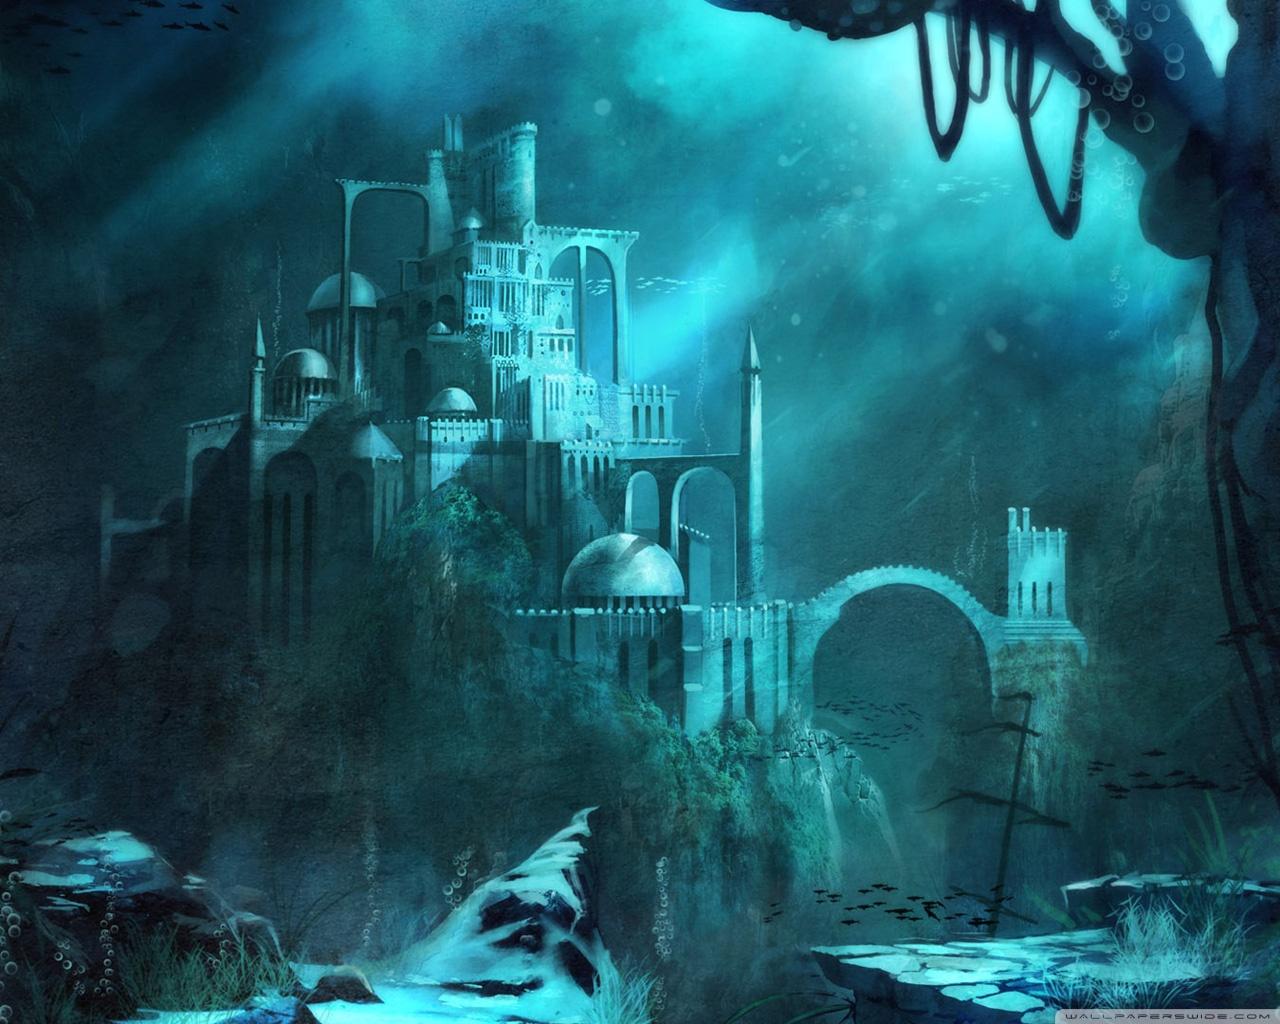 Trine 2 Underwater Castle 4K HD Desktop Wallpaper for 4K Ultra 1280x1024